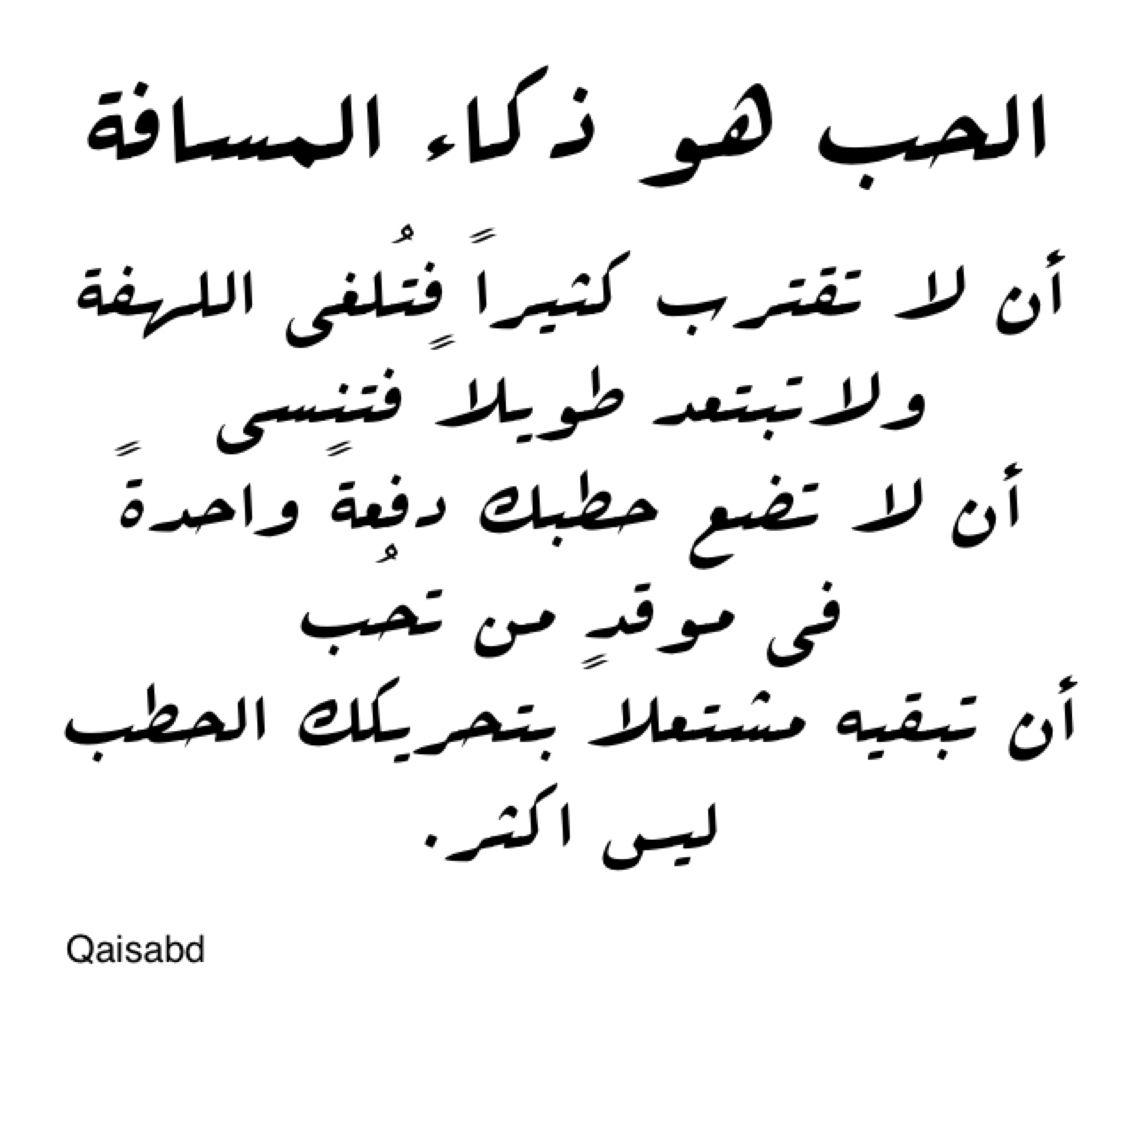 اجعل بينك وبين من تحب مسافة Qais Words Quotes Messages